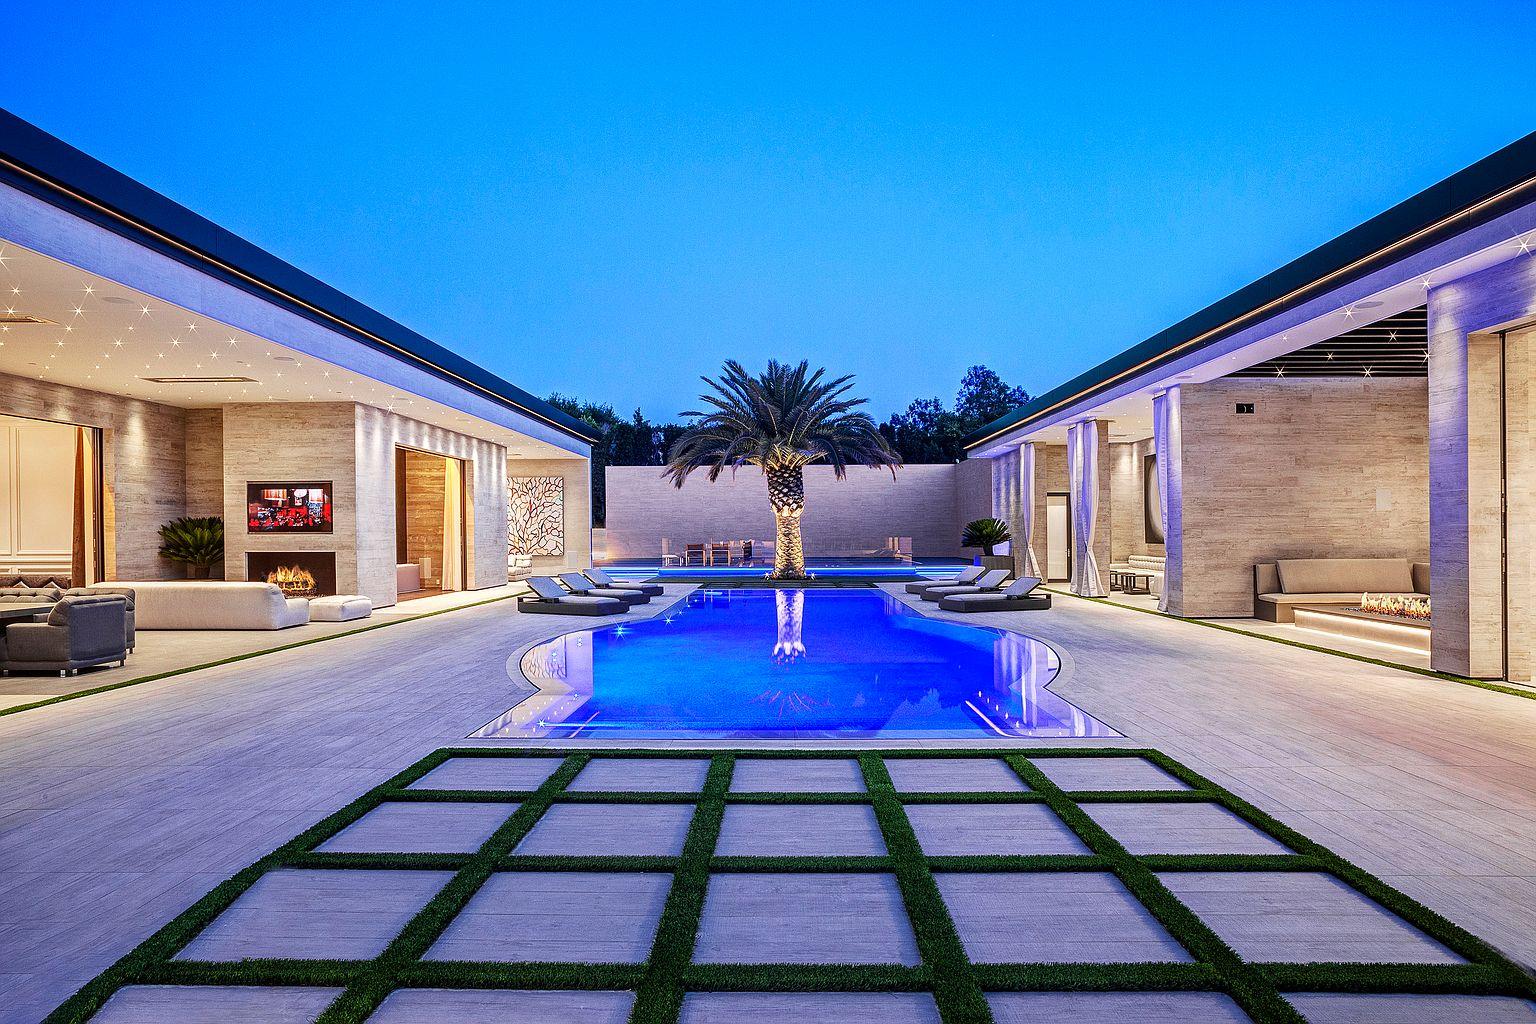 Rumah Baru Kylie Jenner Seharga Rp535 Miliar